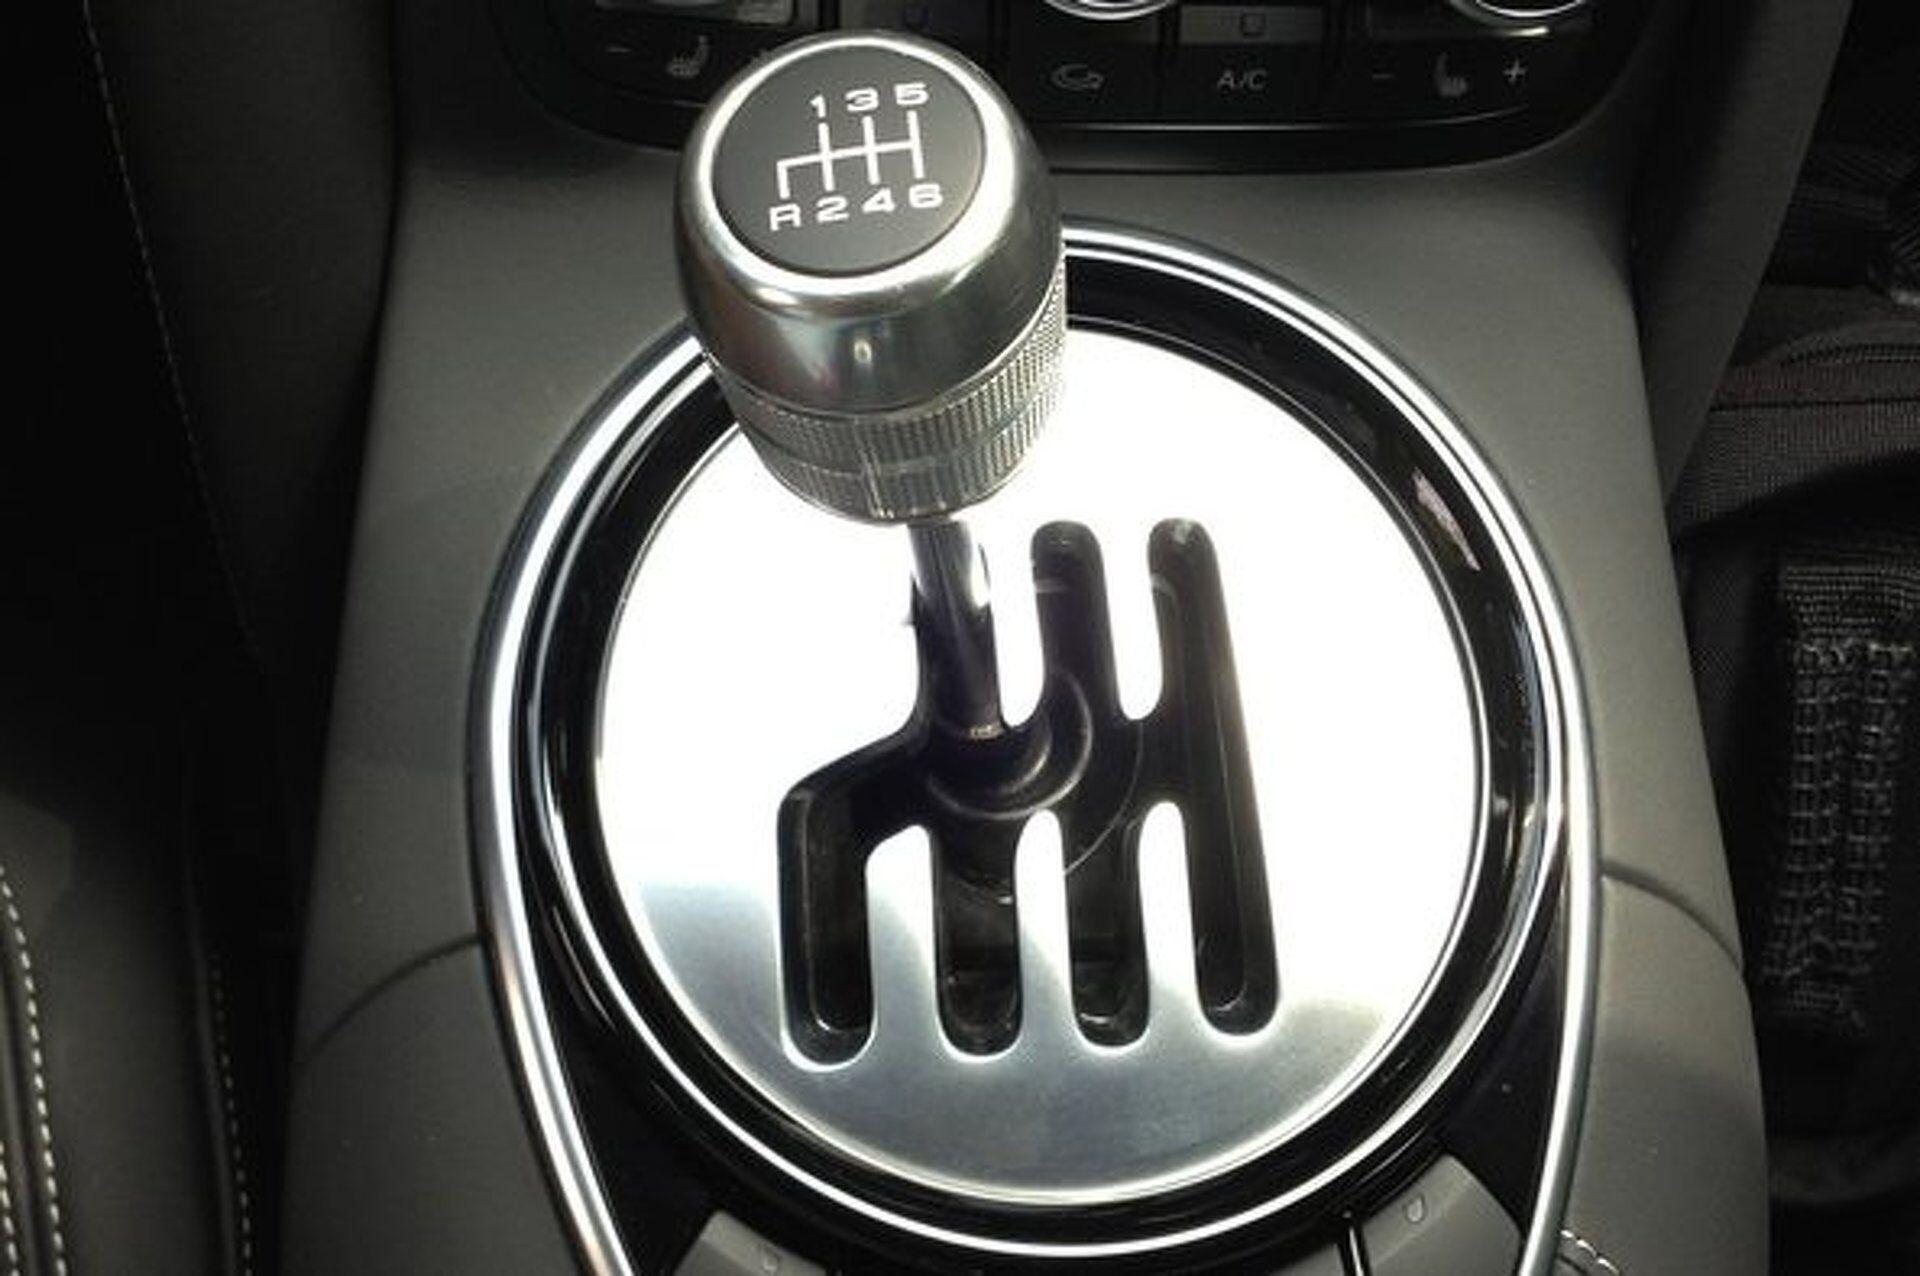 Введение нормы Евро-7 для автомобилей поставит крест на механических коробках передач